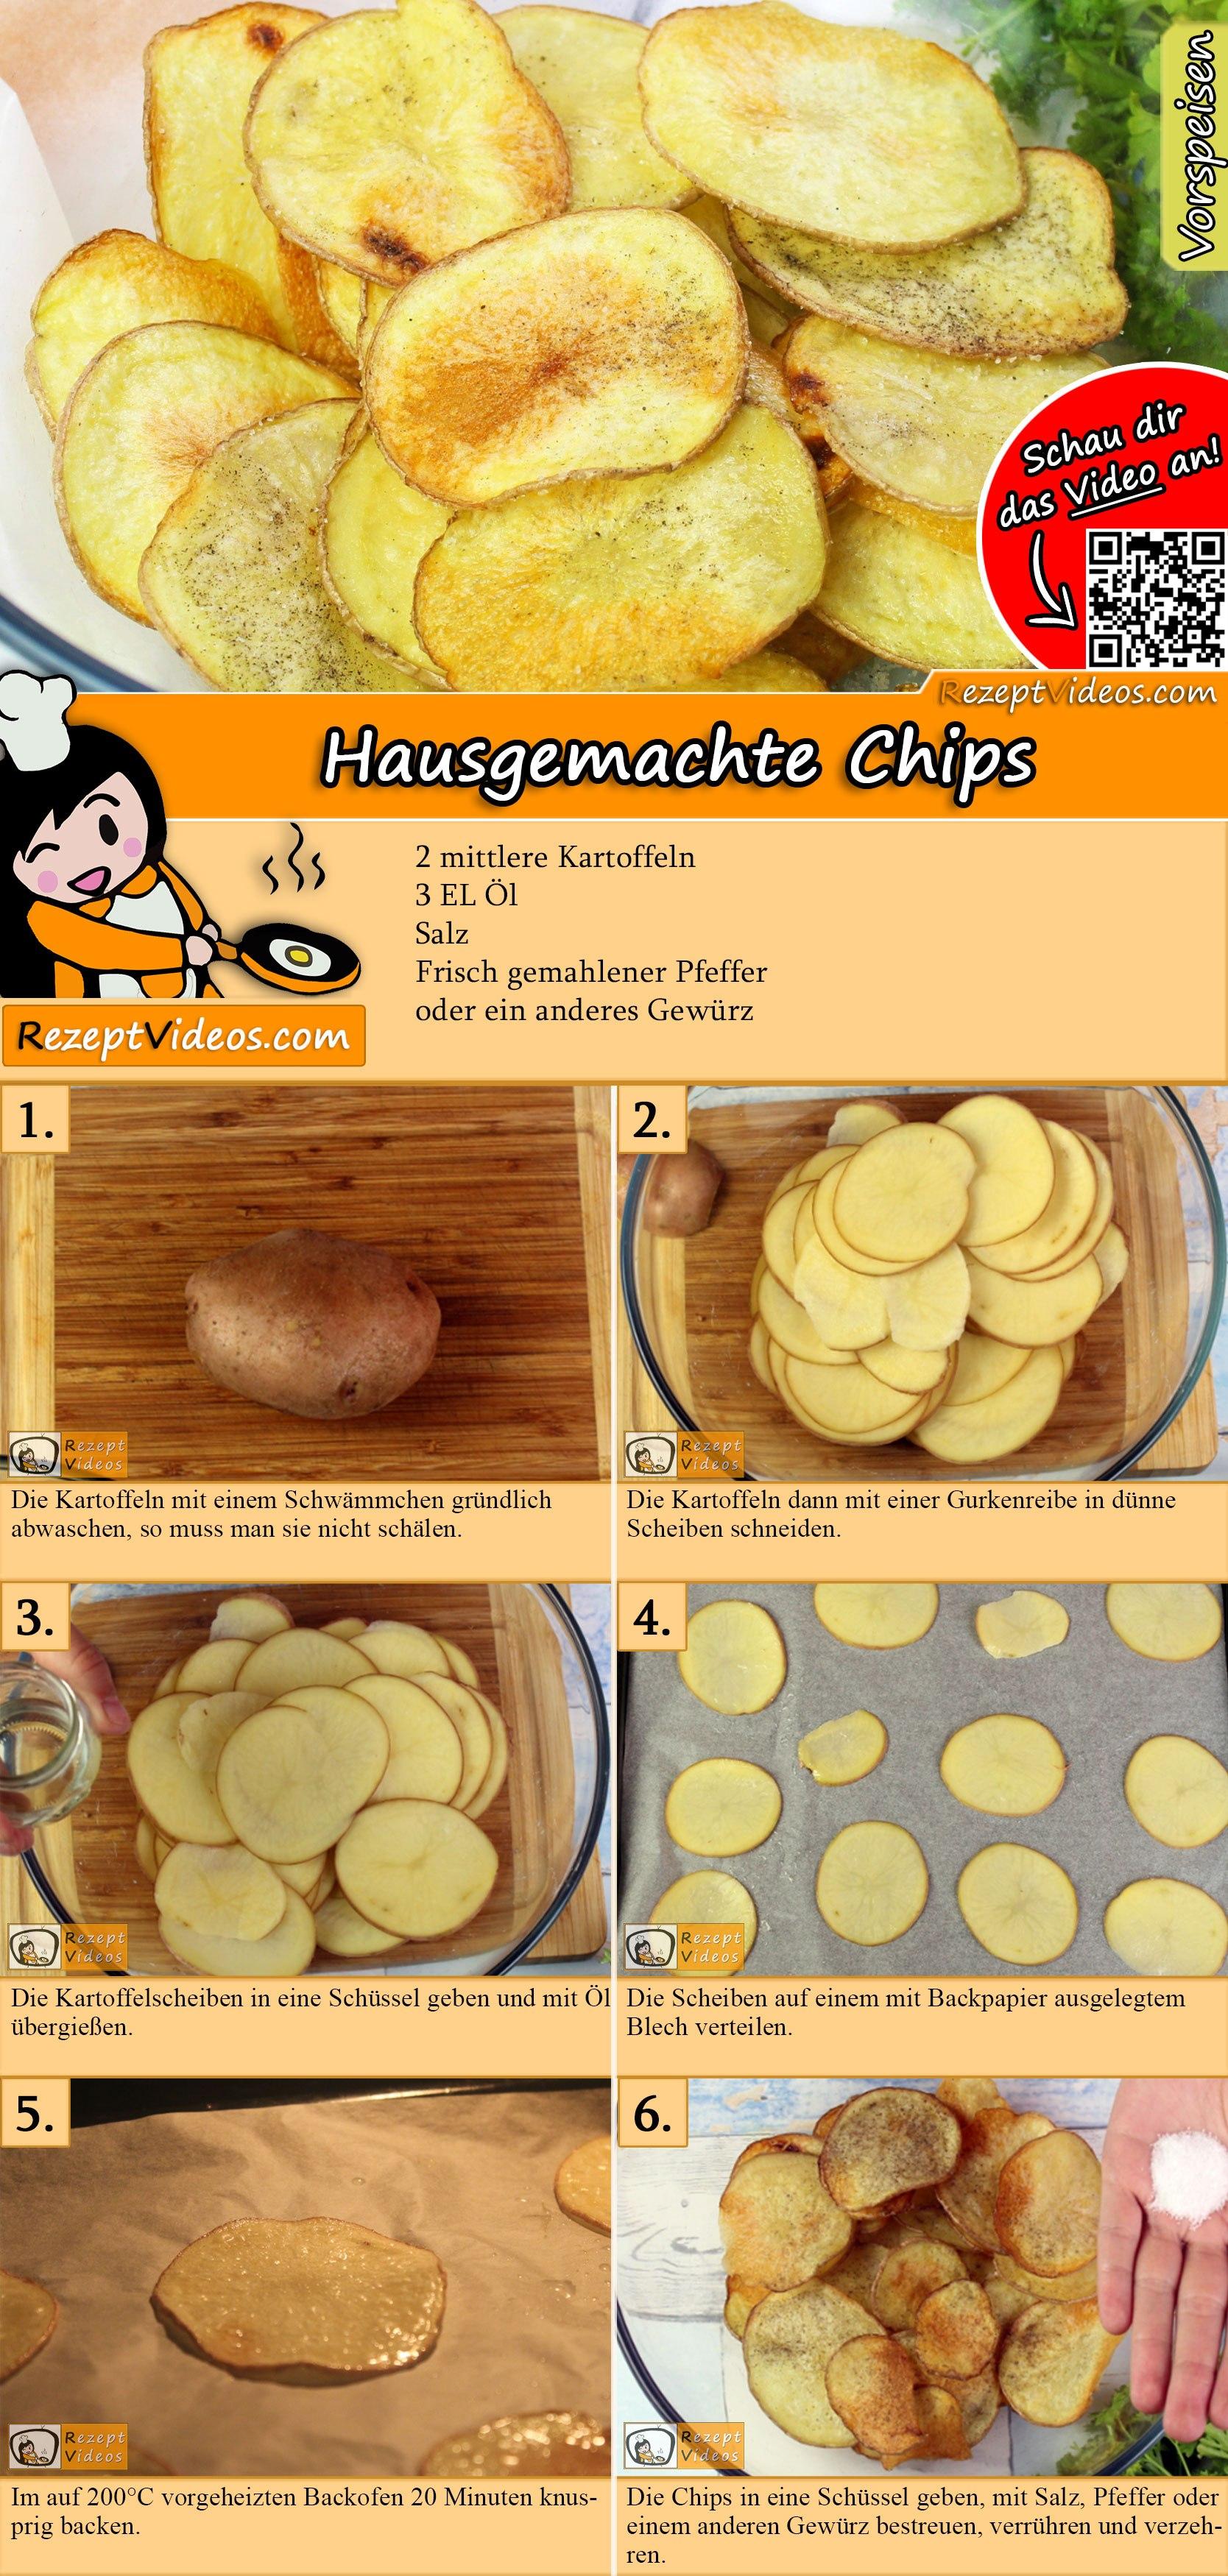 Hausgemachte Chips Rezept mit Video